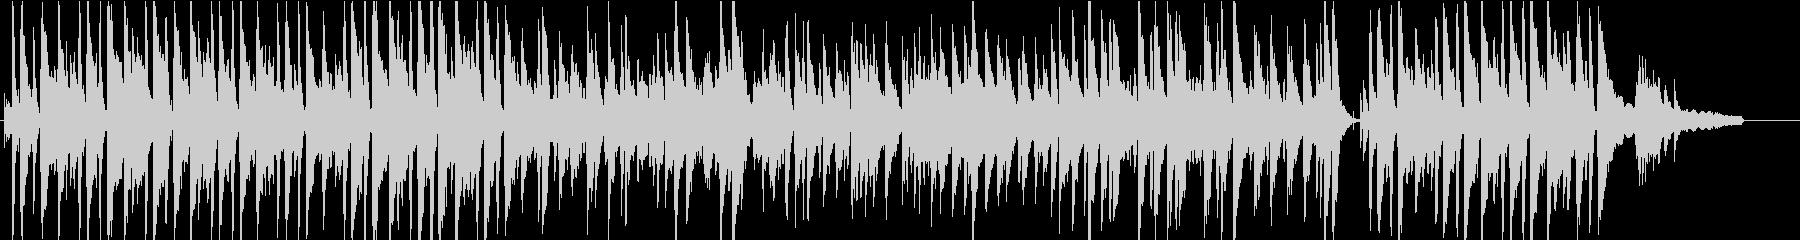 ピアノとビブラフォンによるボサノバ楽曲の未再生の波形